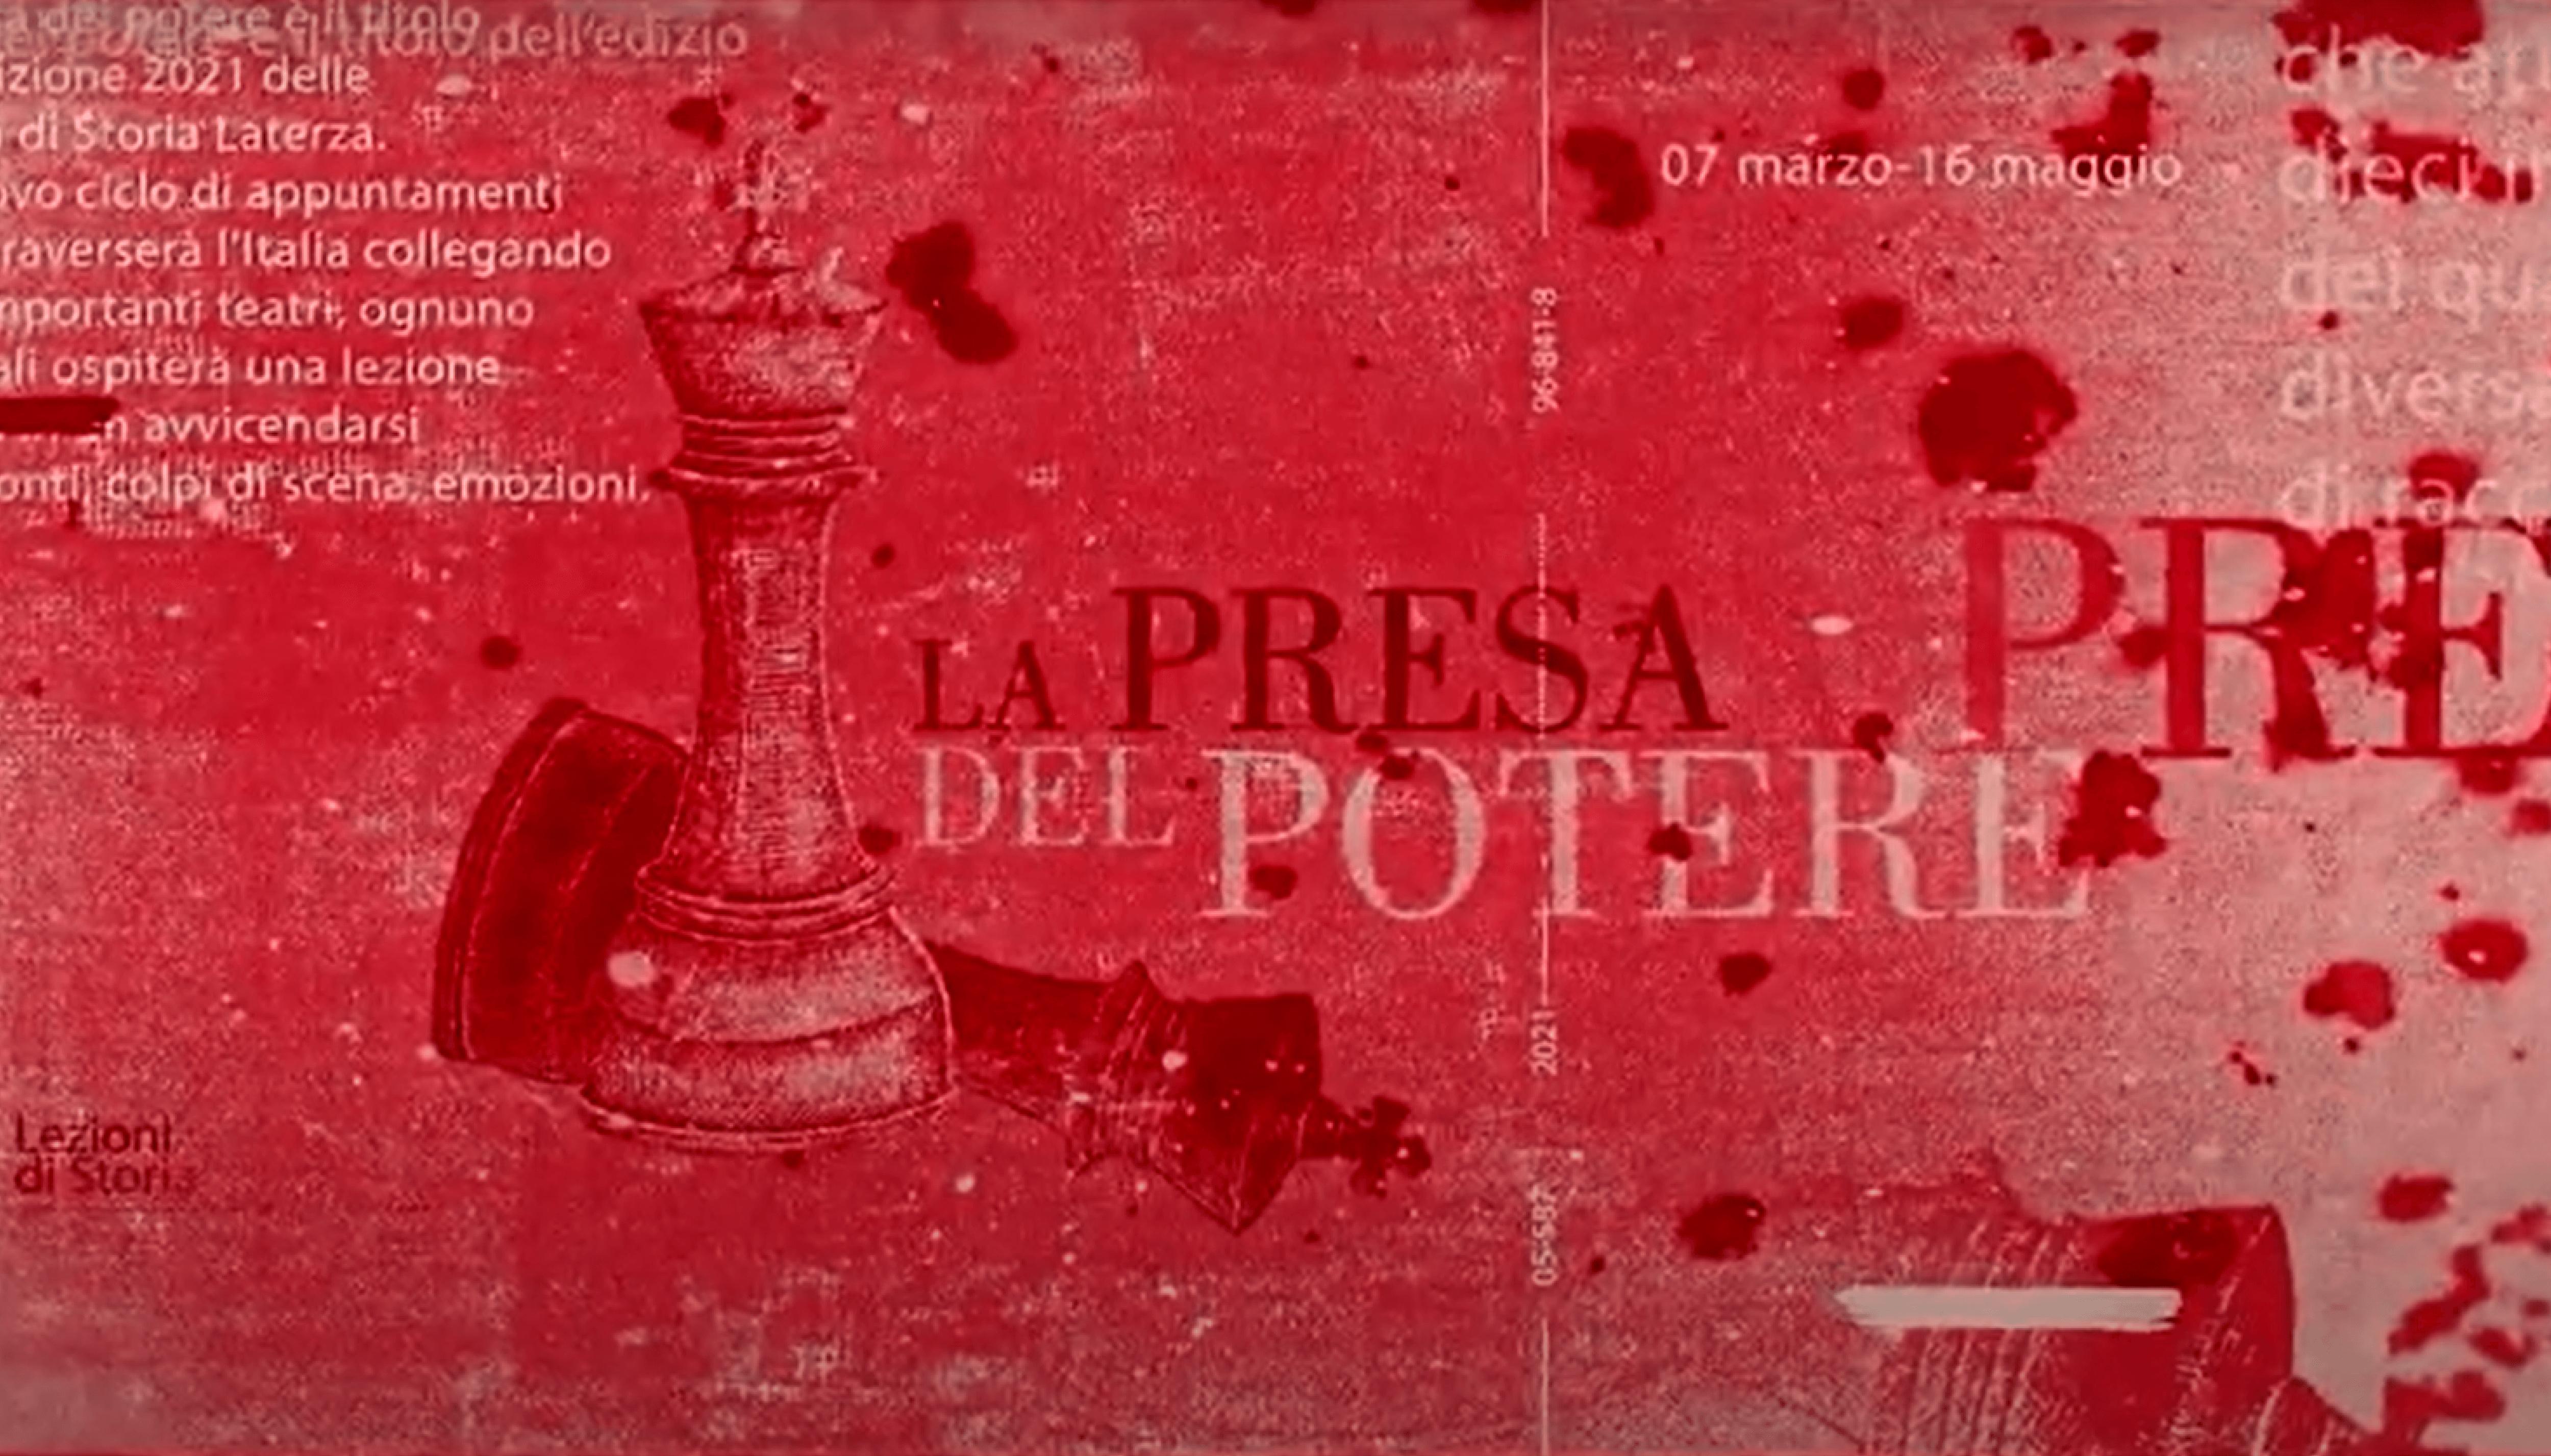 Lezioni di Storia | Alla scoperta del Potere: un nuovo trailer